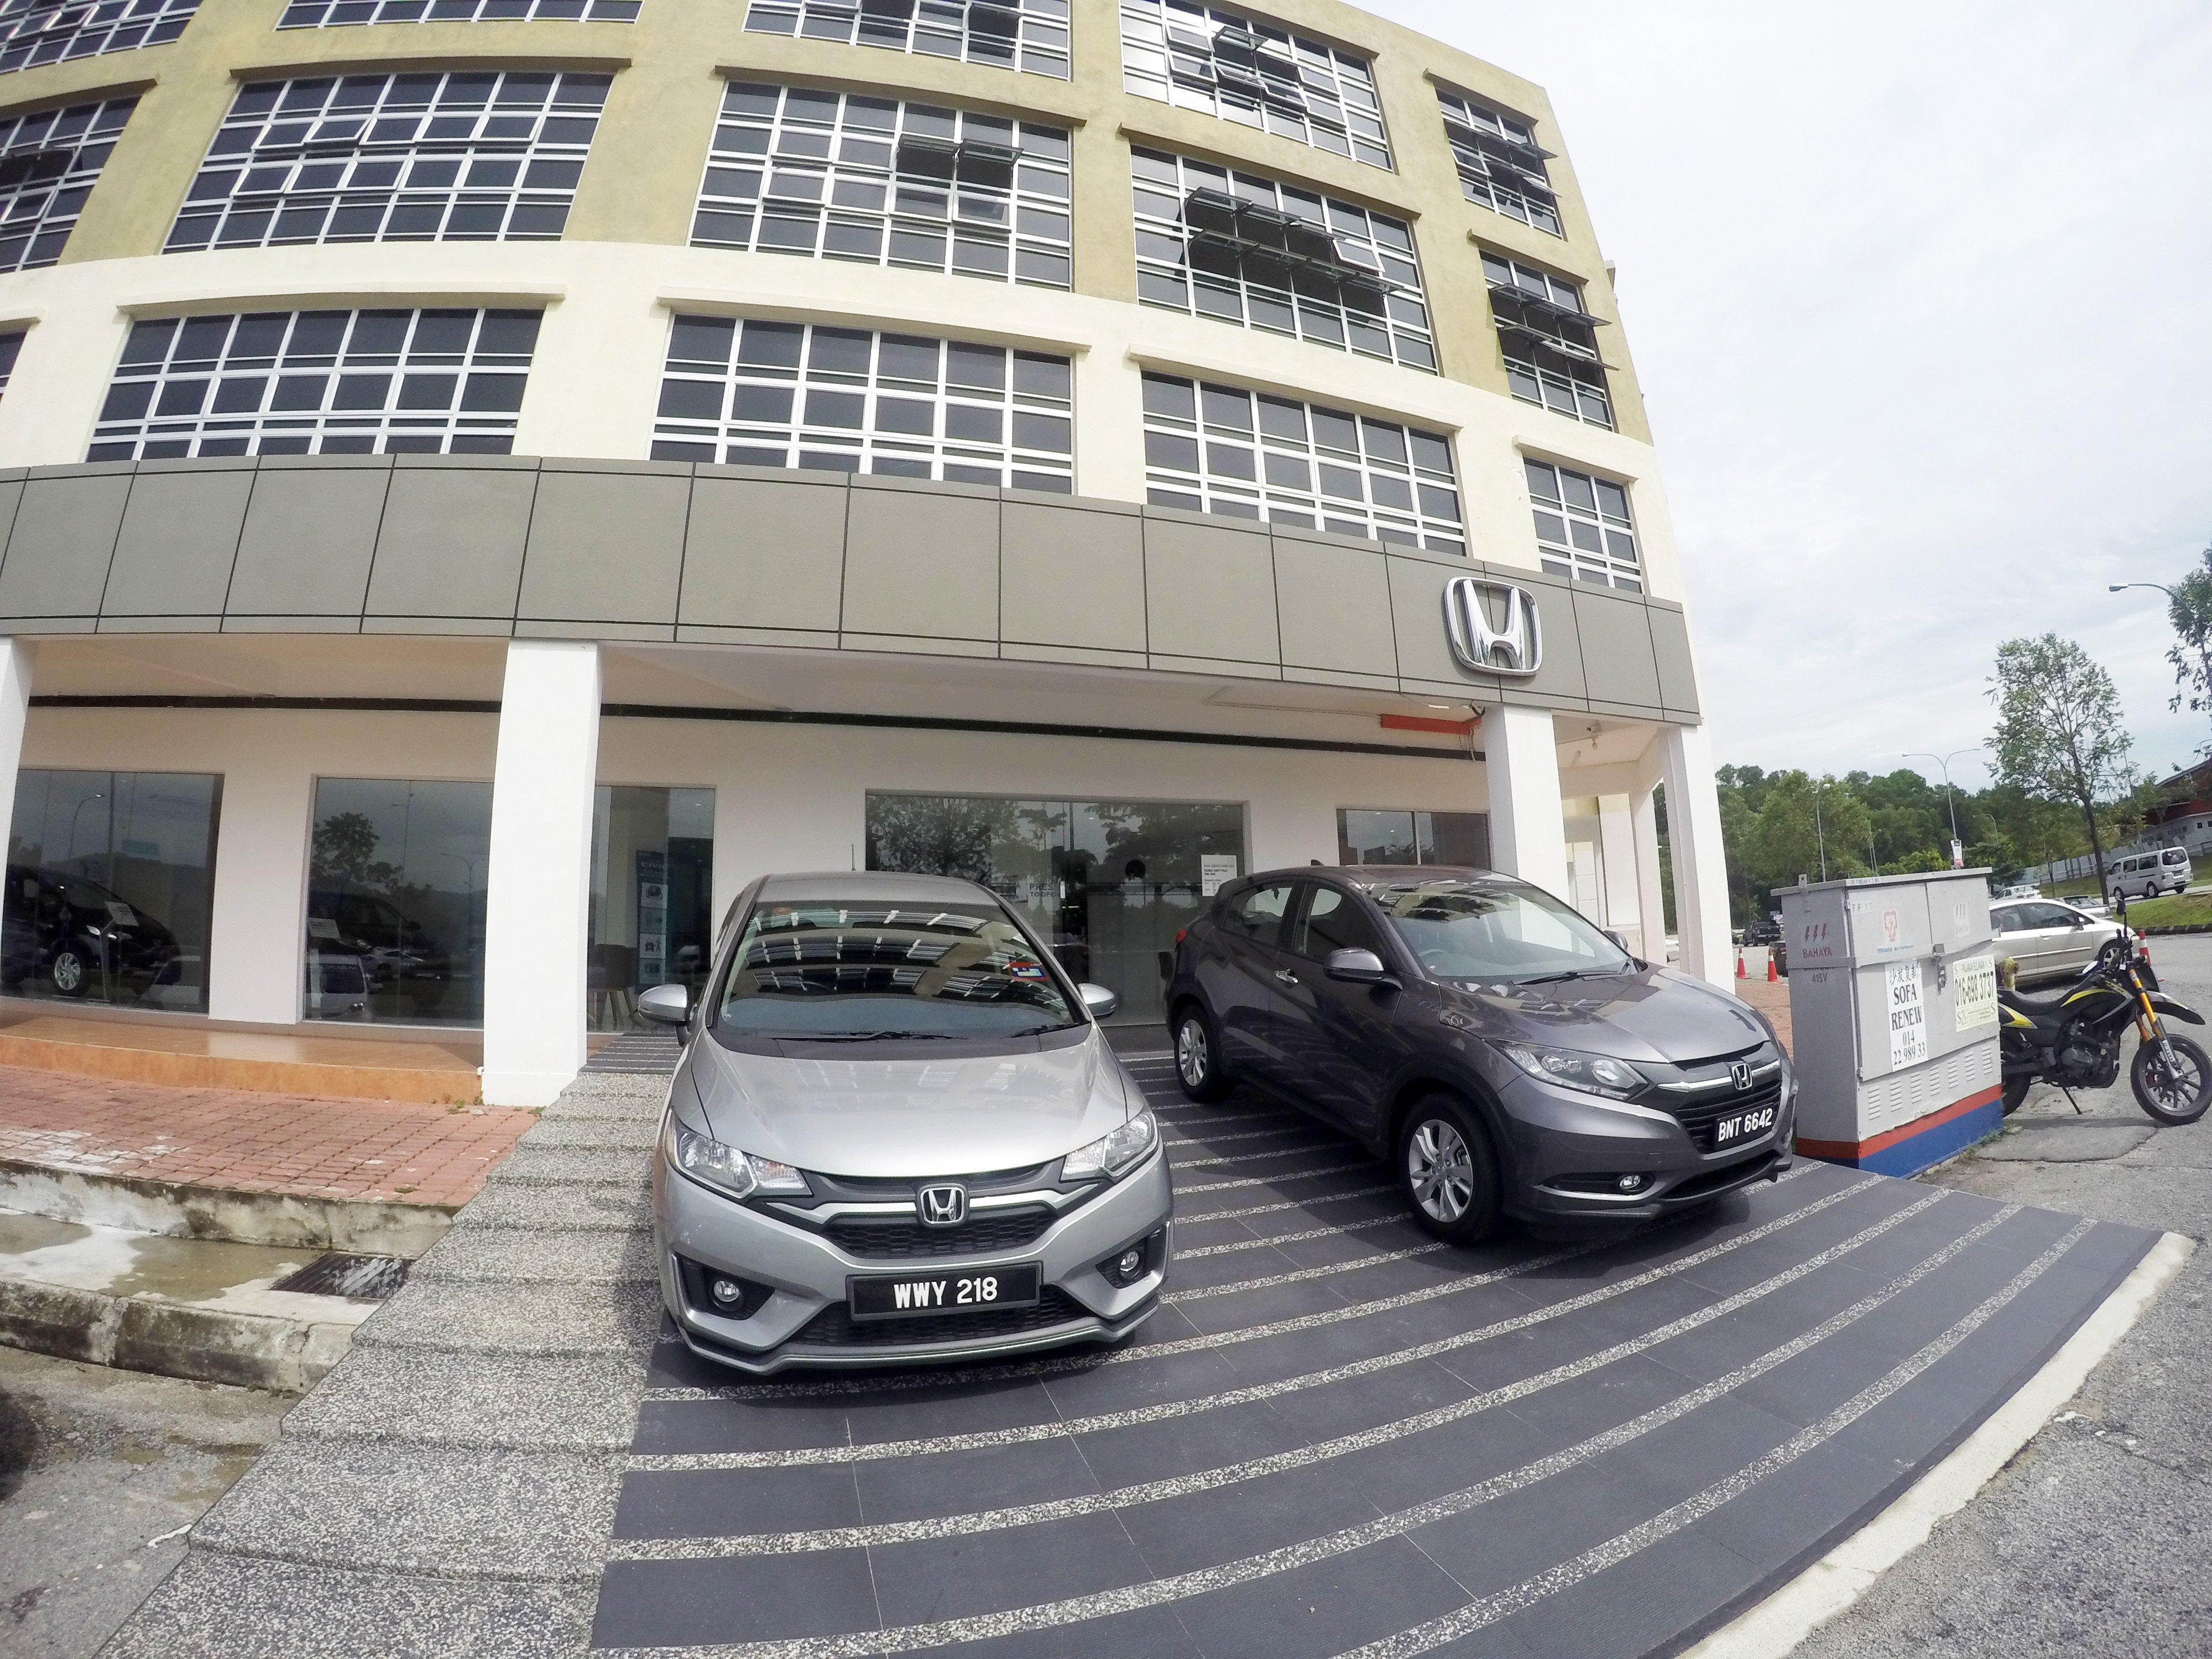 Dcim100goprogopr2042 Paul Tan S Automotive News